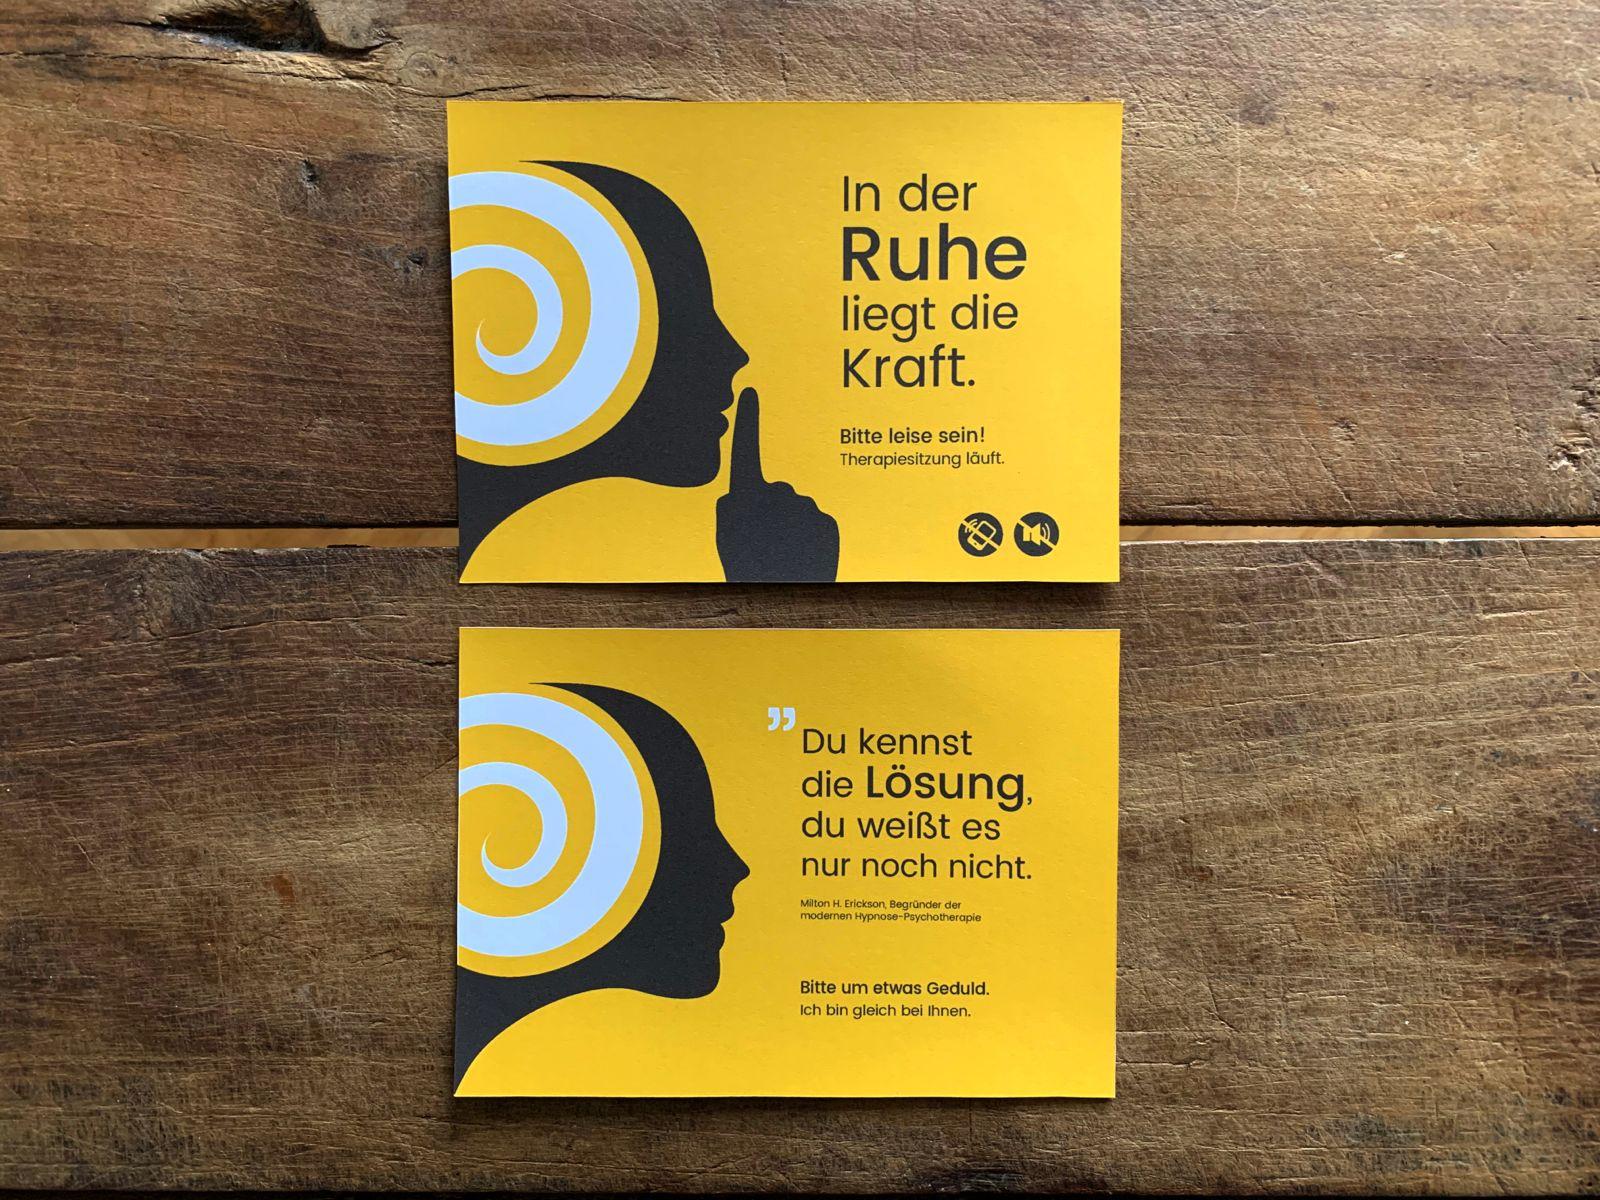 Türschild für Ruth Paul / Hypnose-Psychotherapie